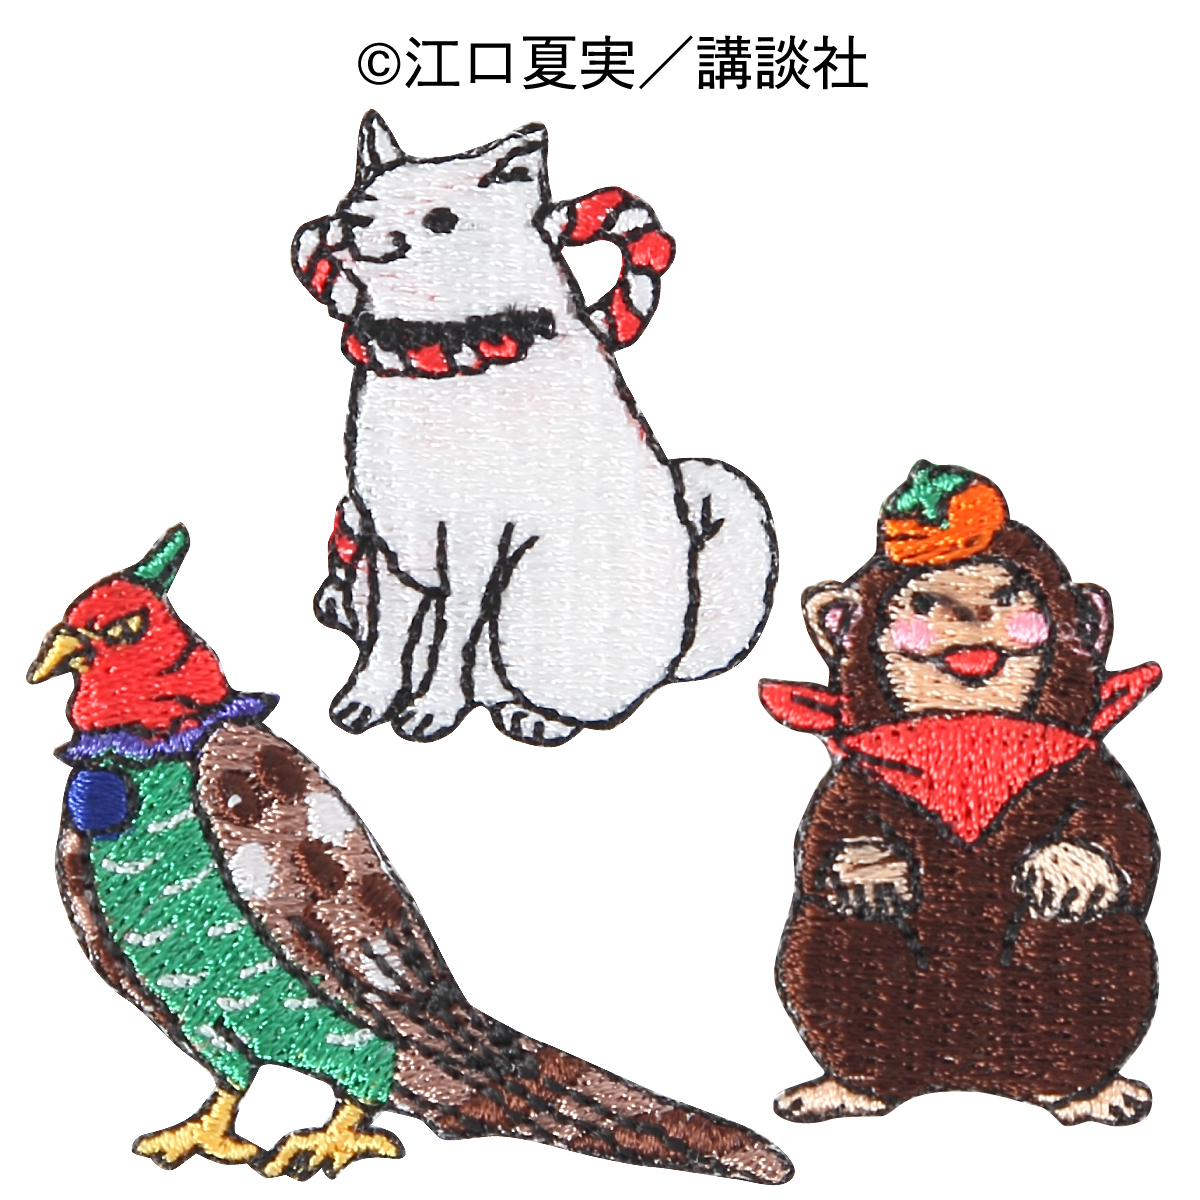 KJW-528/ワッペン/シロ・柿助・ルリオ/しろ・かきすけ・るりお/【ゆうパケット可】